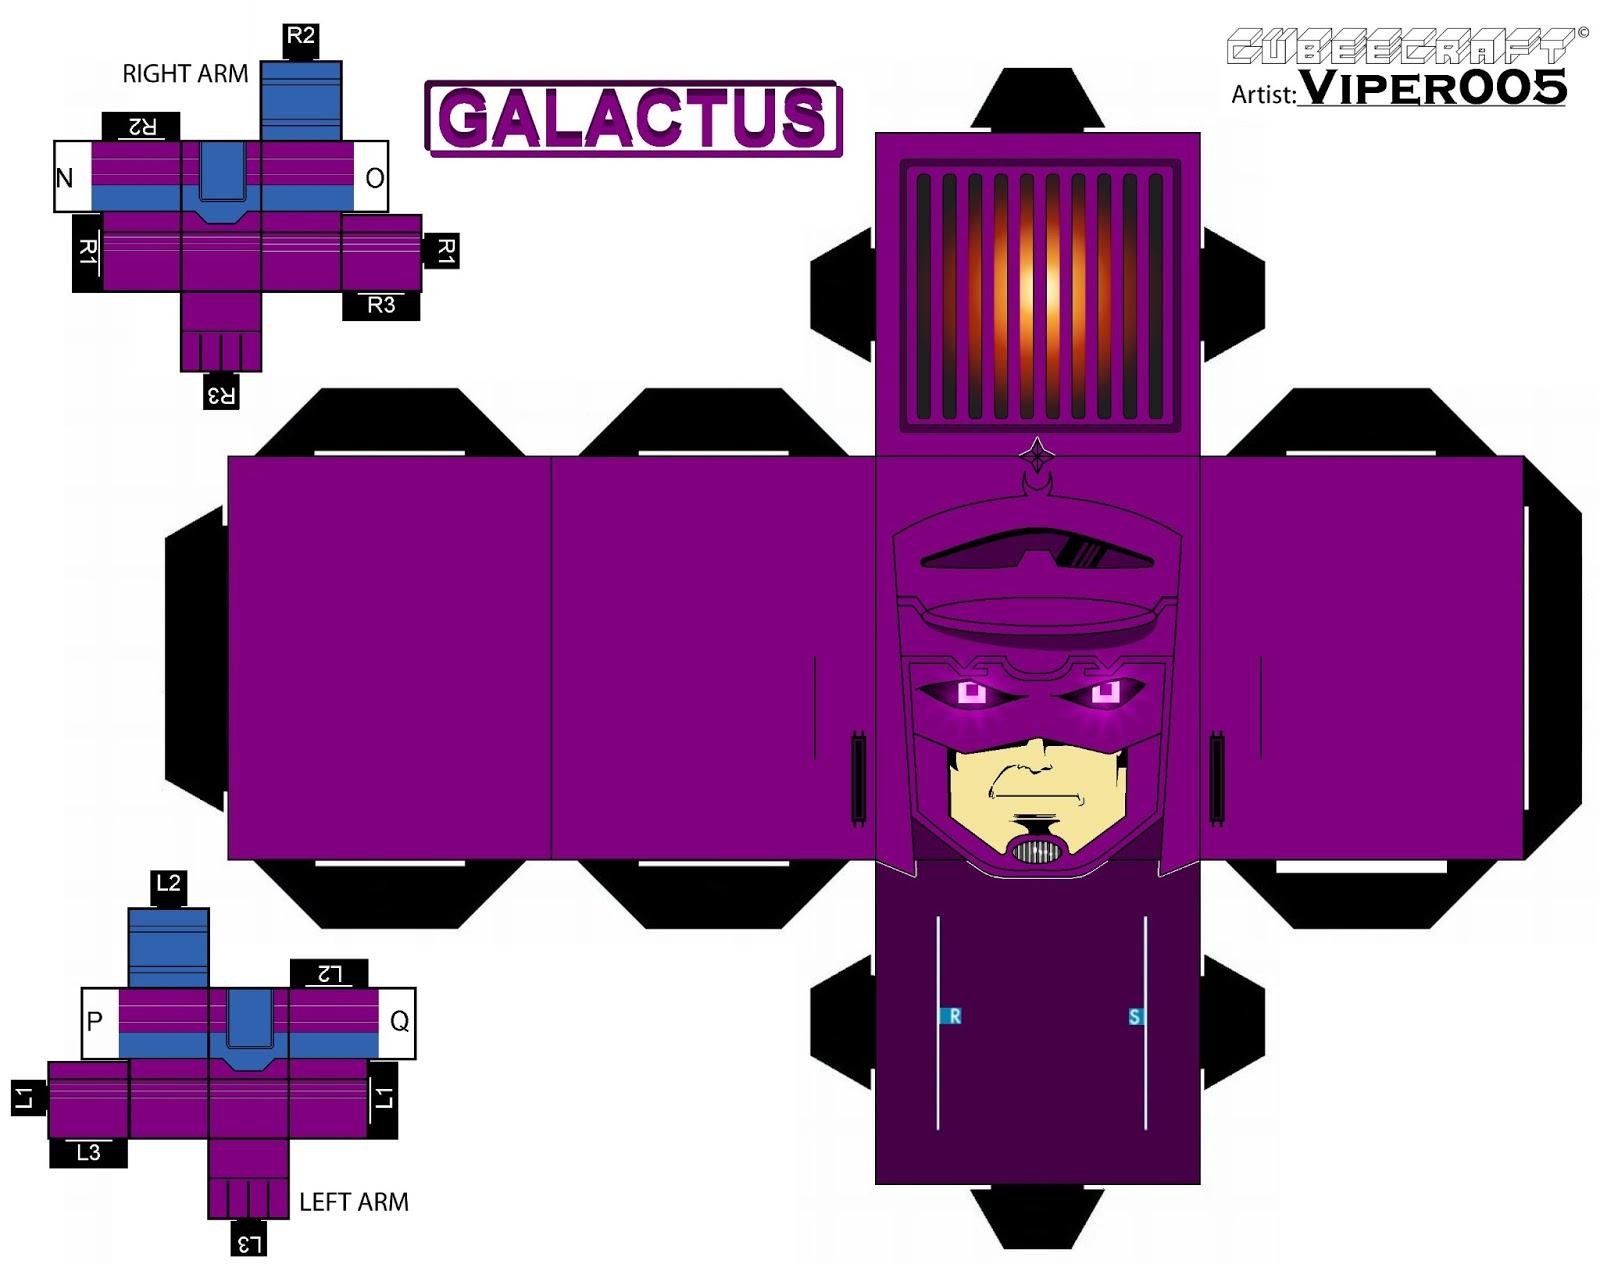 http://2.bp.blogspot.com/-nnE3WDzlx58/US0miG57WYI/AAAAAAAAB6o/AyfMfTWynmw/s1600/galactus_p1_by_viper005_2.jpg